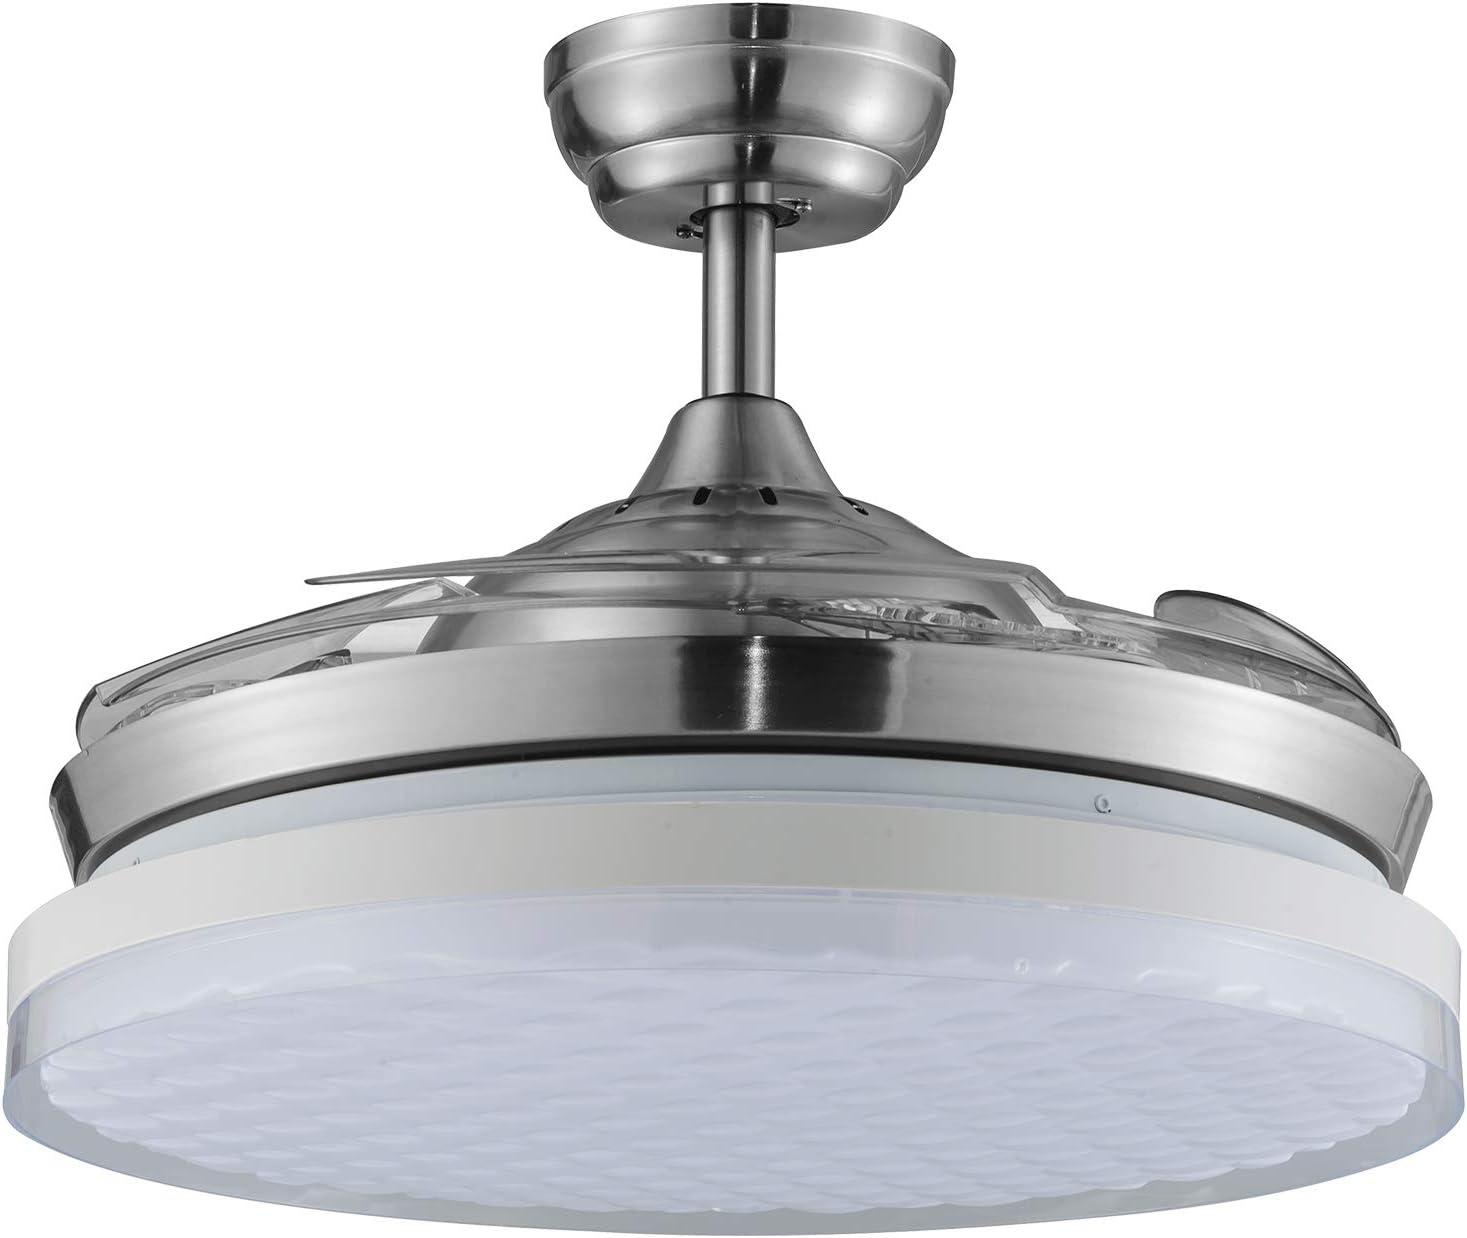 TODOLAMPARA - Ventilador DE Techo LED Modelo Samiel ASPAS Plegables Transparentes